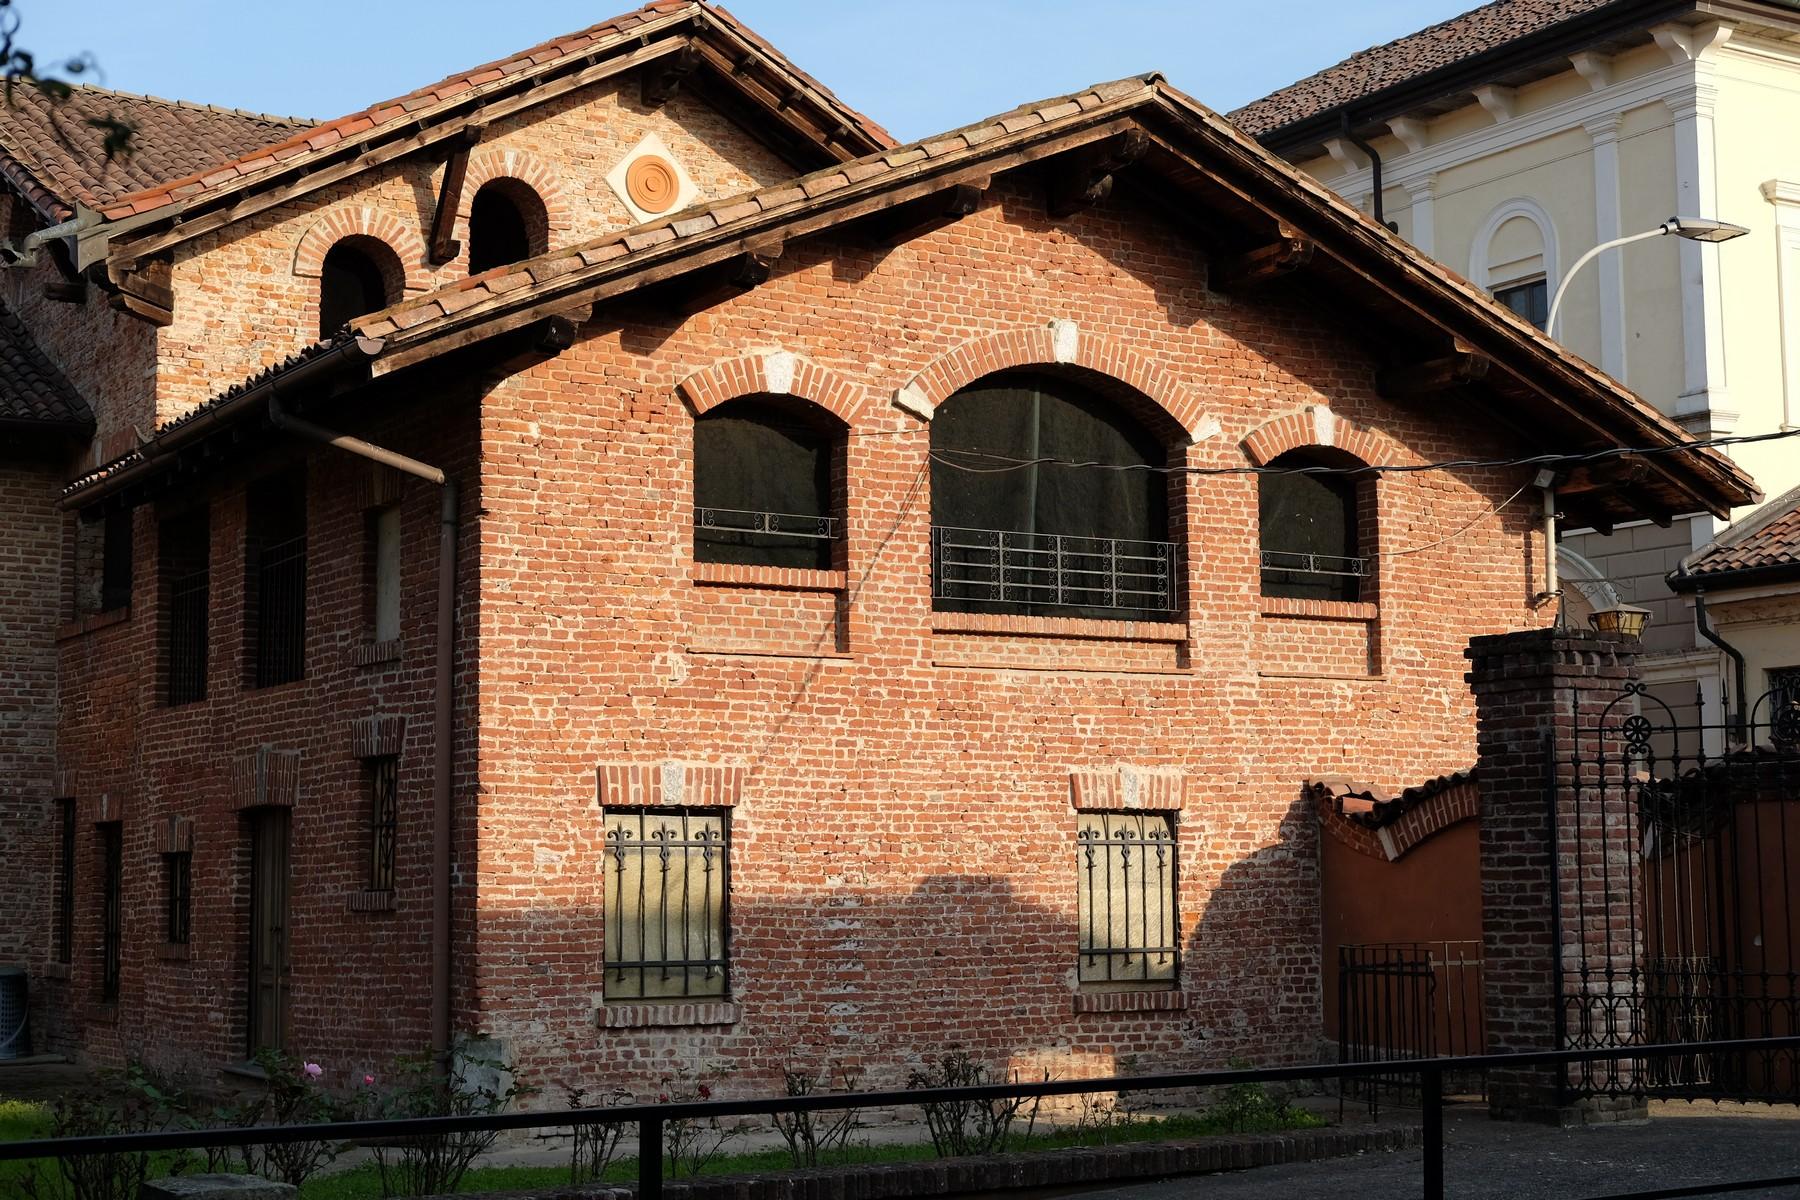 Rustico in Vendita a Castelnovetto: 5 locali, 2000 mq - Foto 8